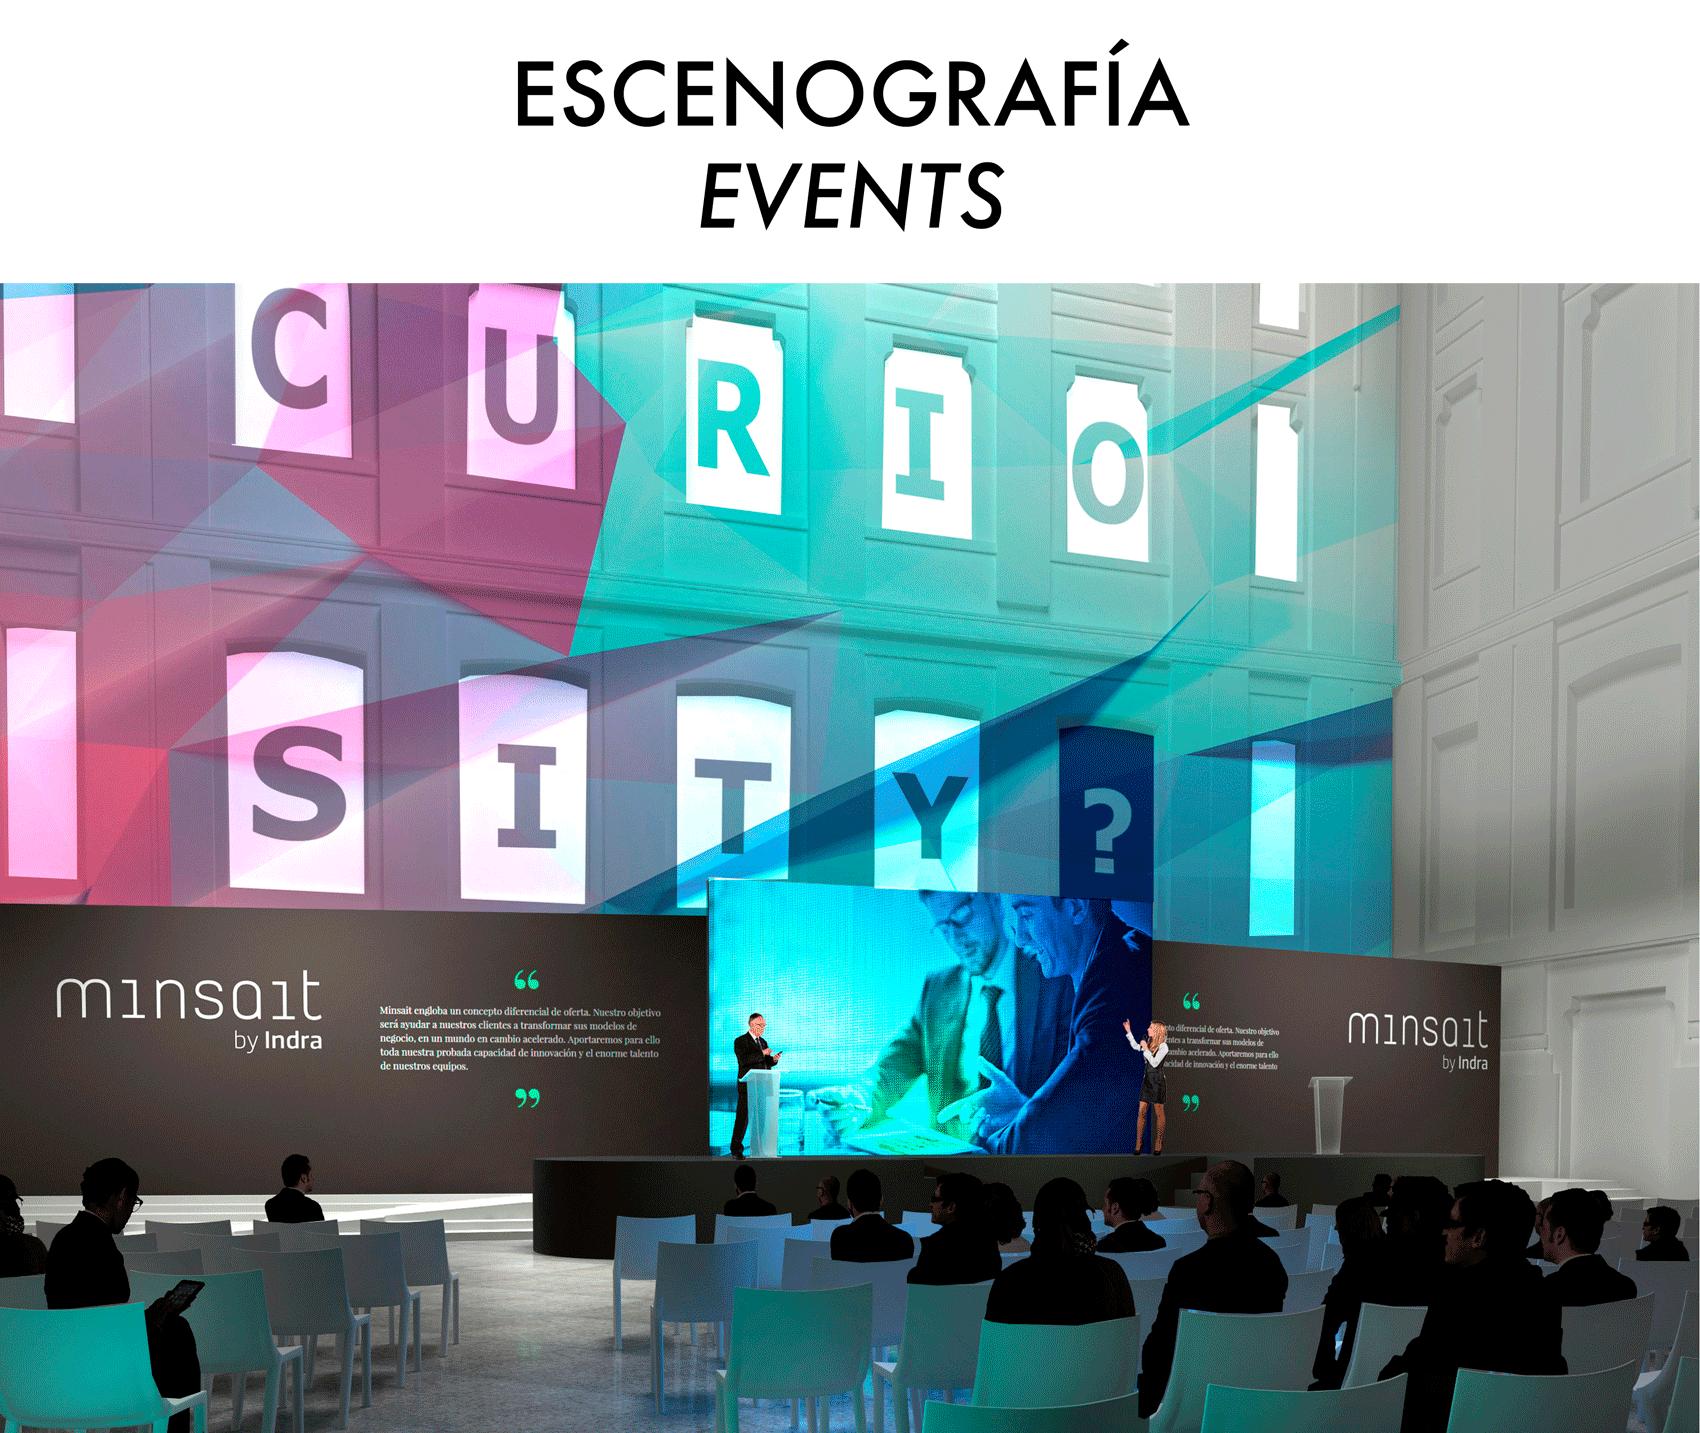 event-minsaint-01.jpg